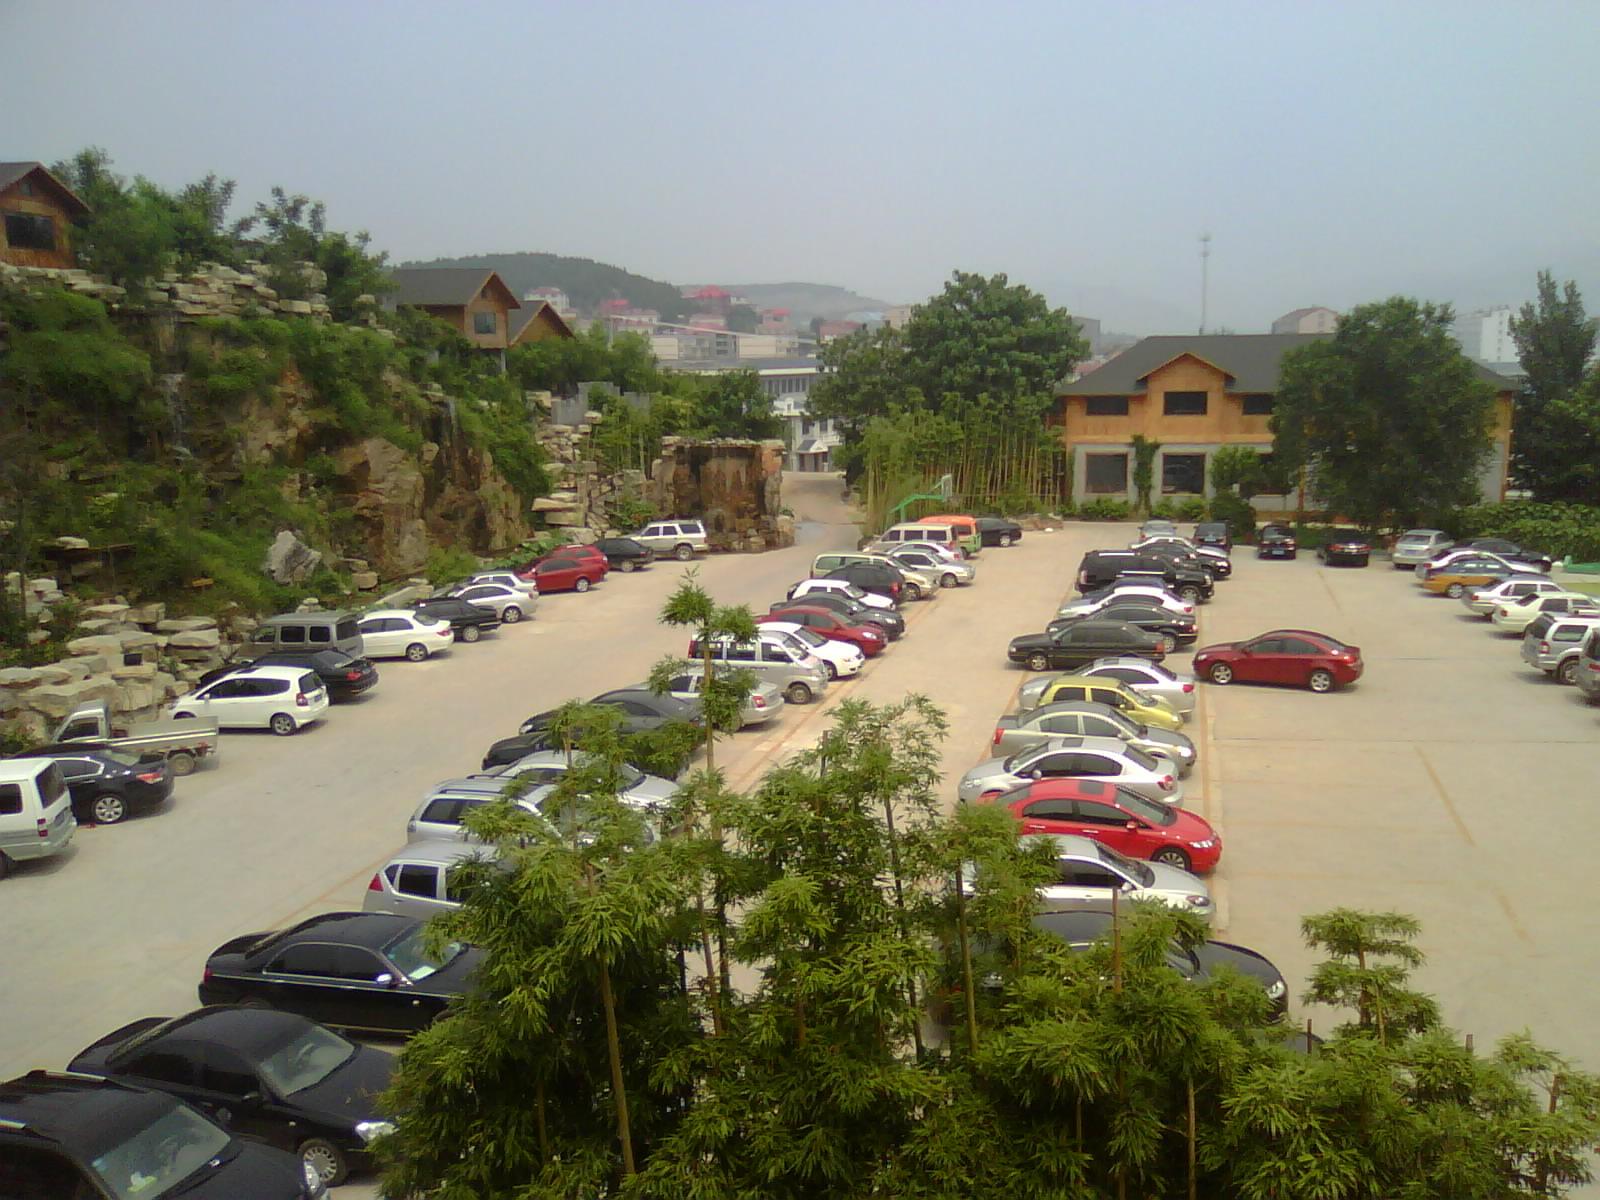 济南乐沃自驾游营地,户外休闲生活的汽车营地.